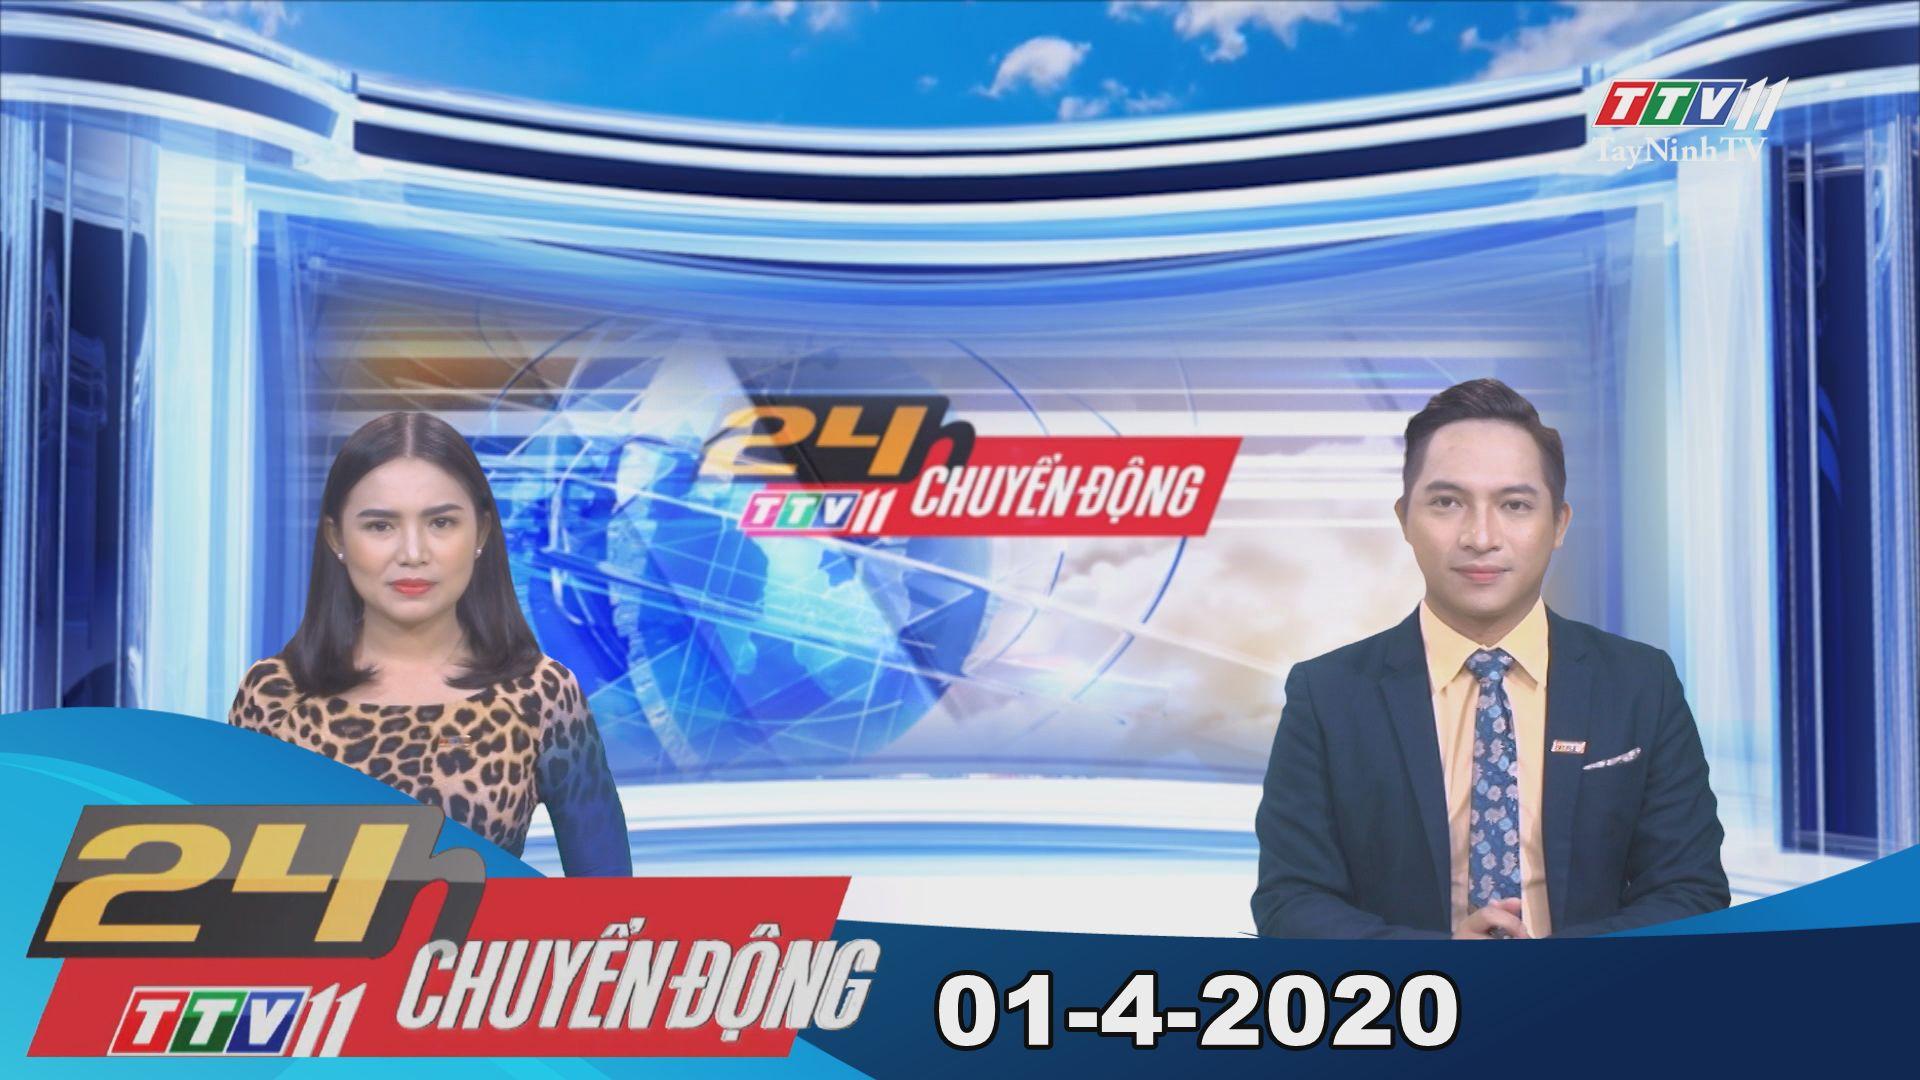 24h Chuyển động 31-3-2020 | Tin tức hôm nay | TayNinhTV